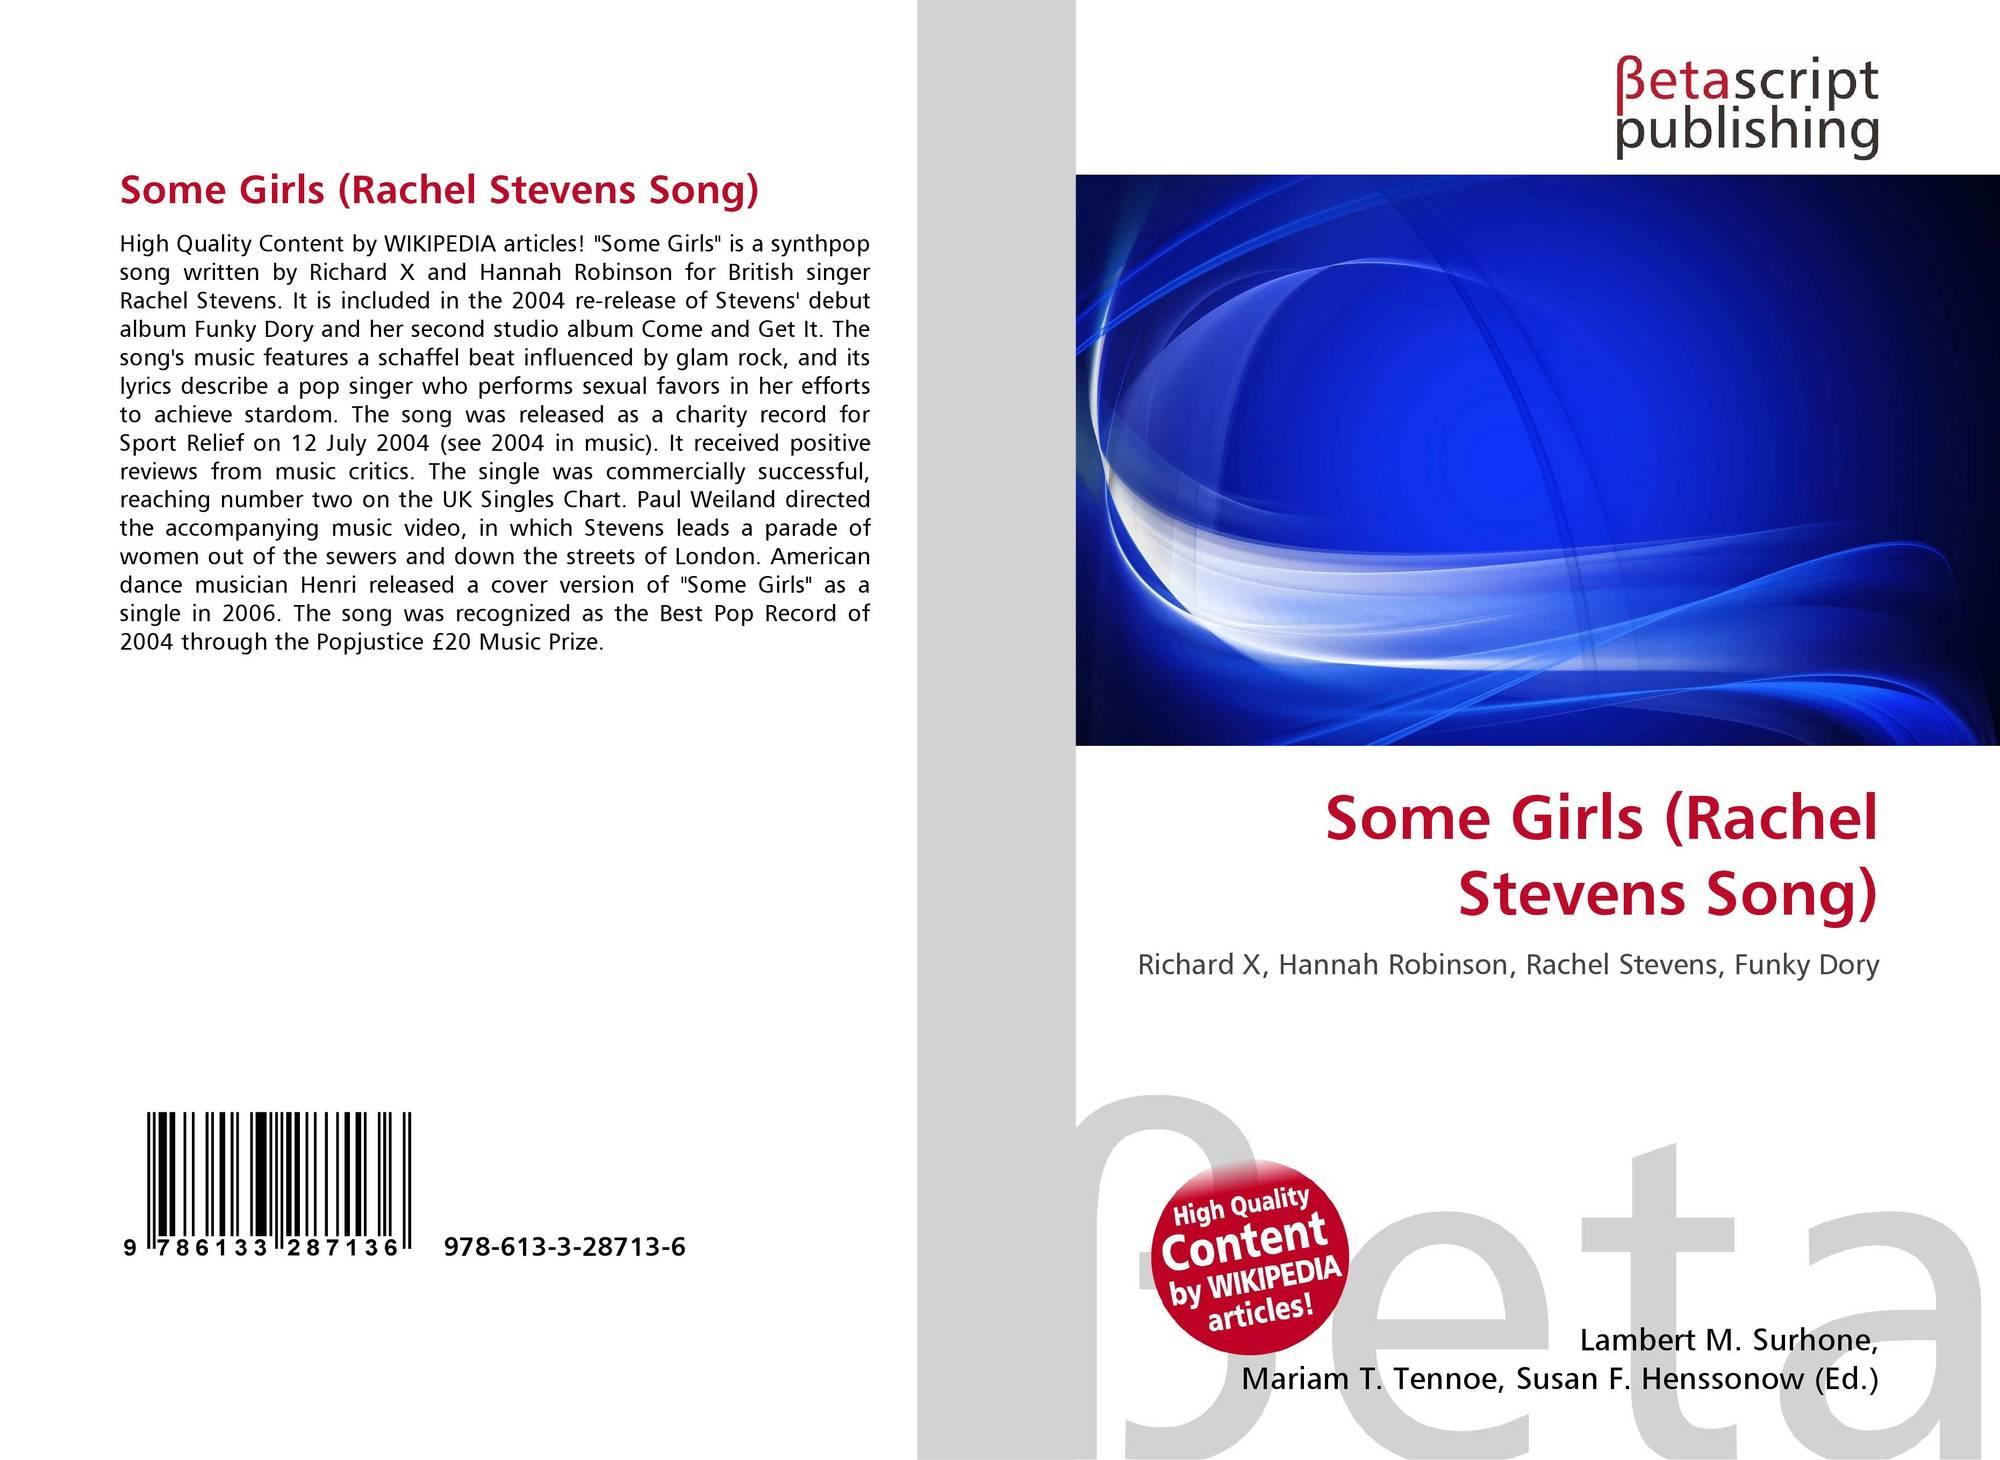 Some Girls Rachel Stevens Song 978 613 3 28713 6 6133287136 9786133287136